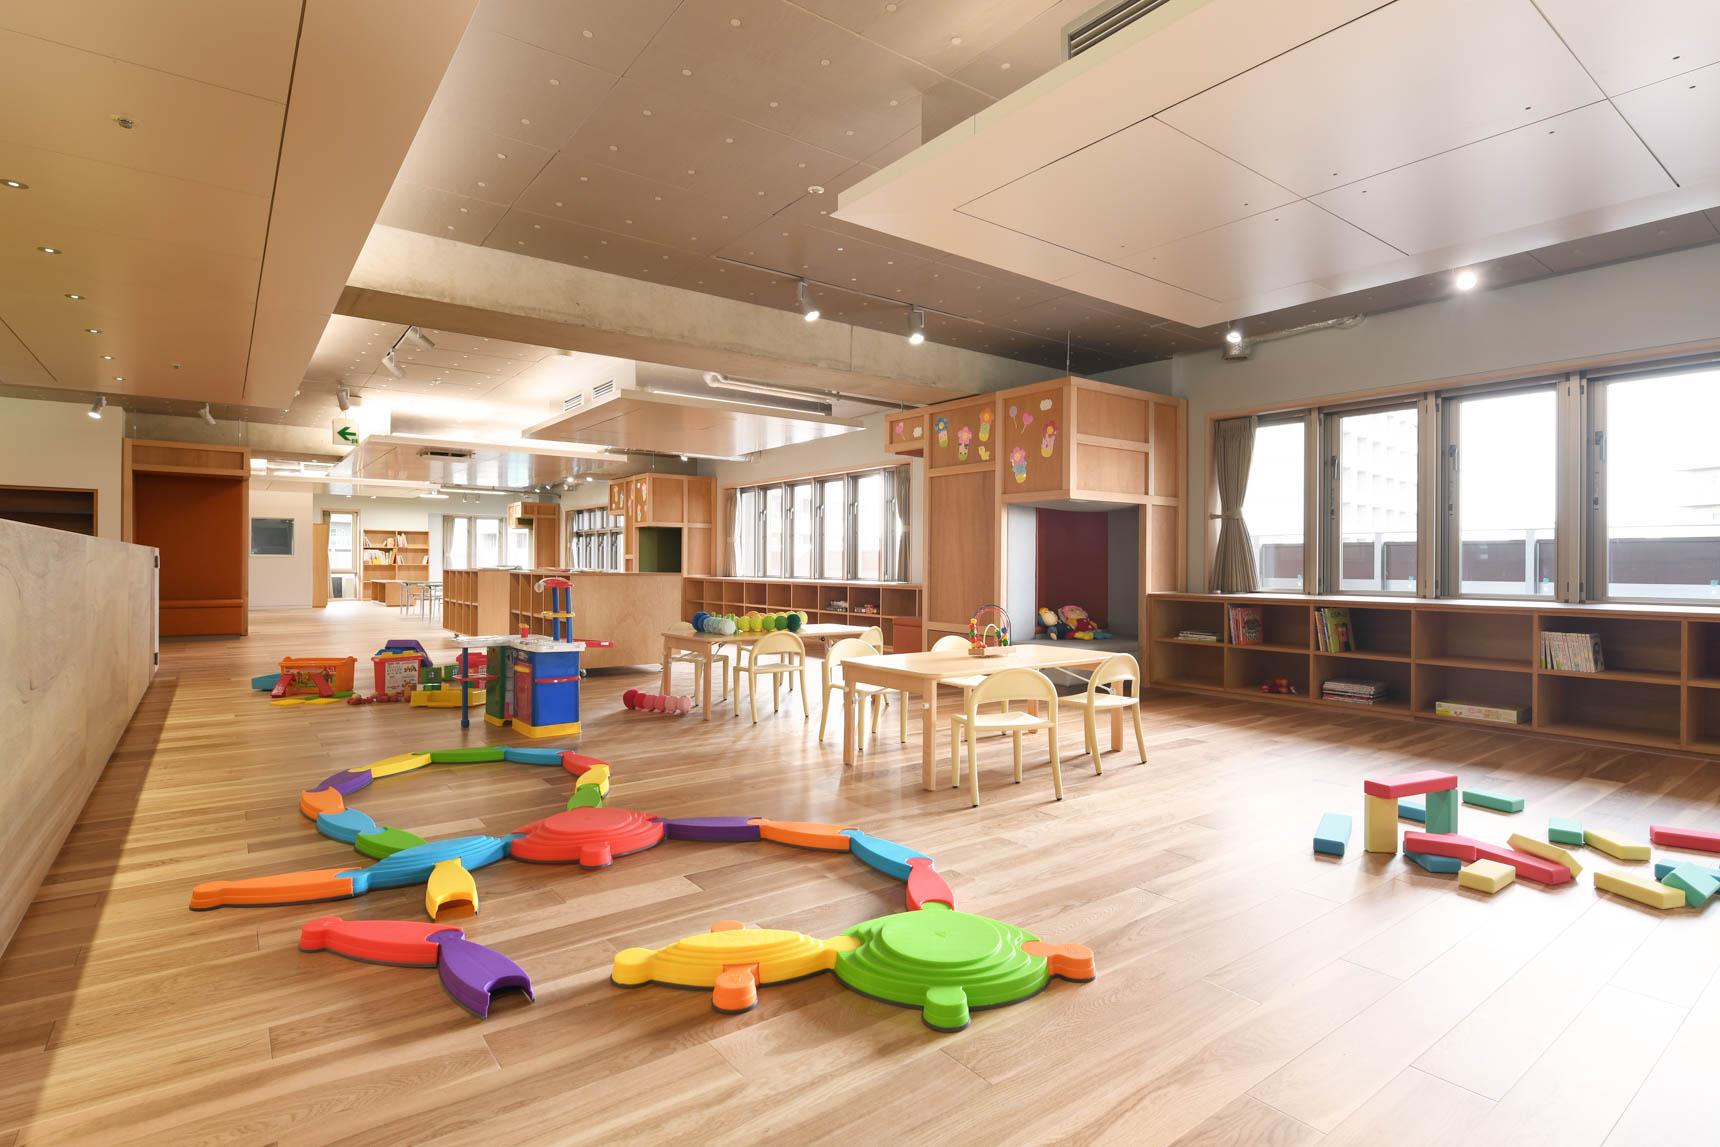 ここなら安心して子どもを預けて、しっかり仕事ができる。そう思える整った設備です。